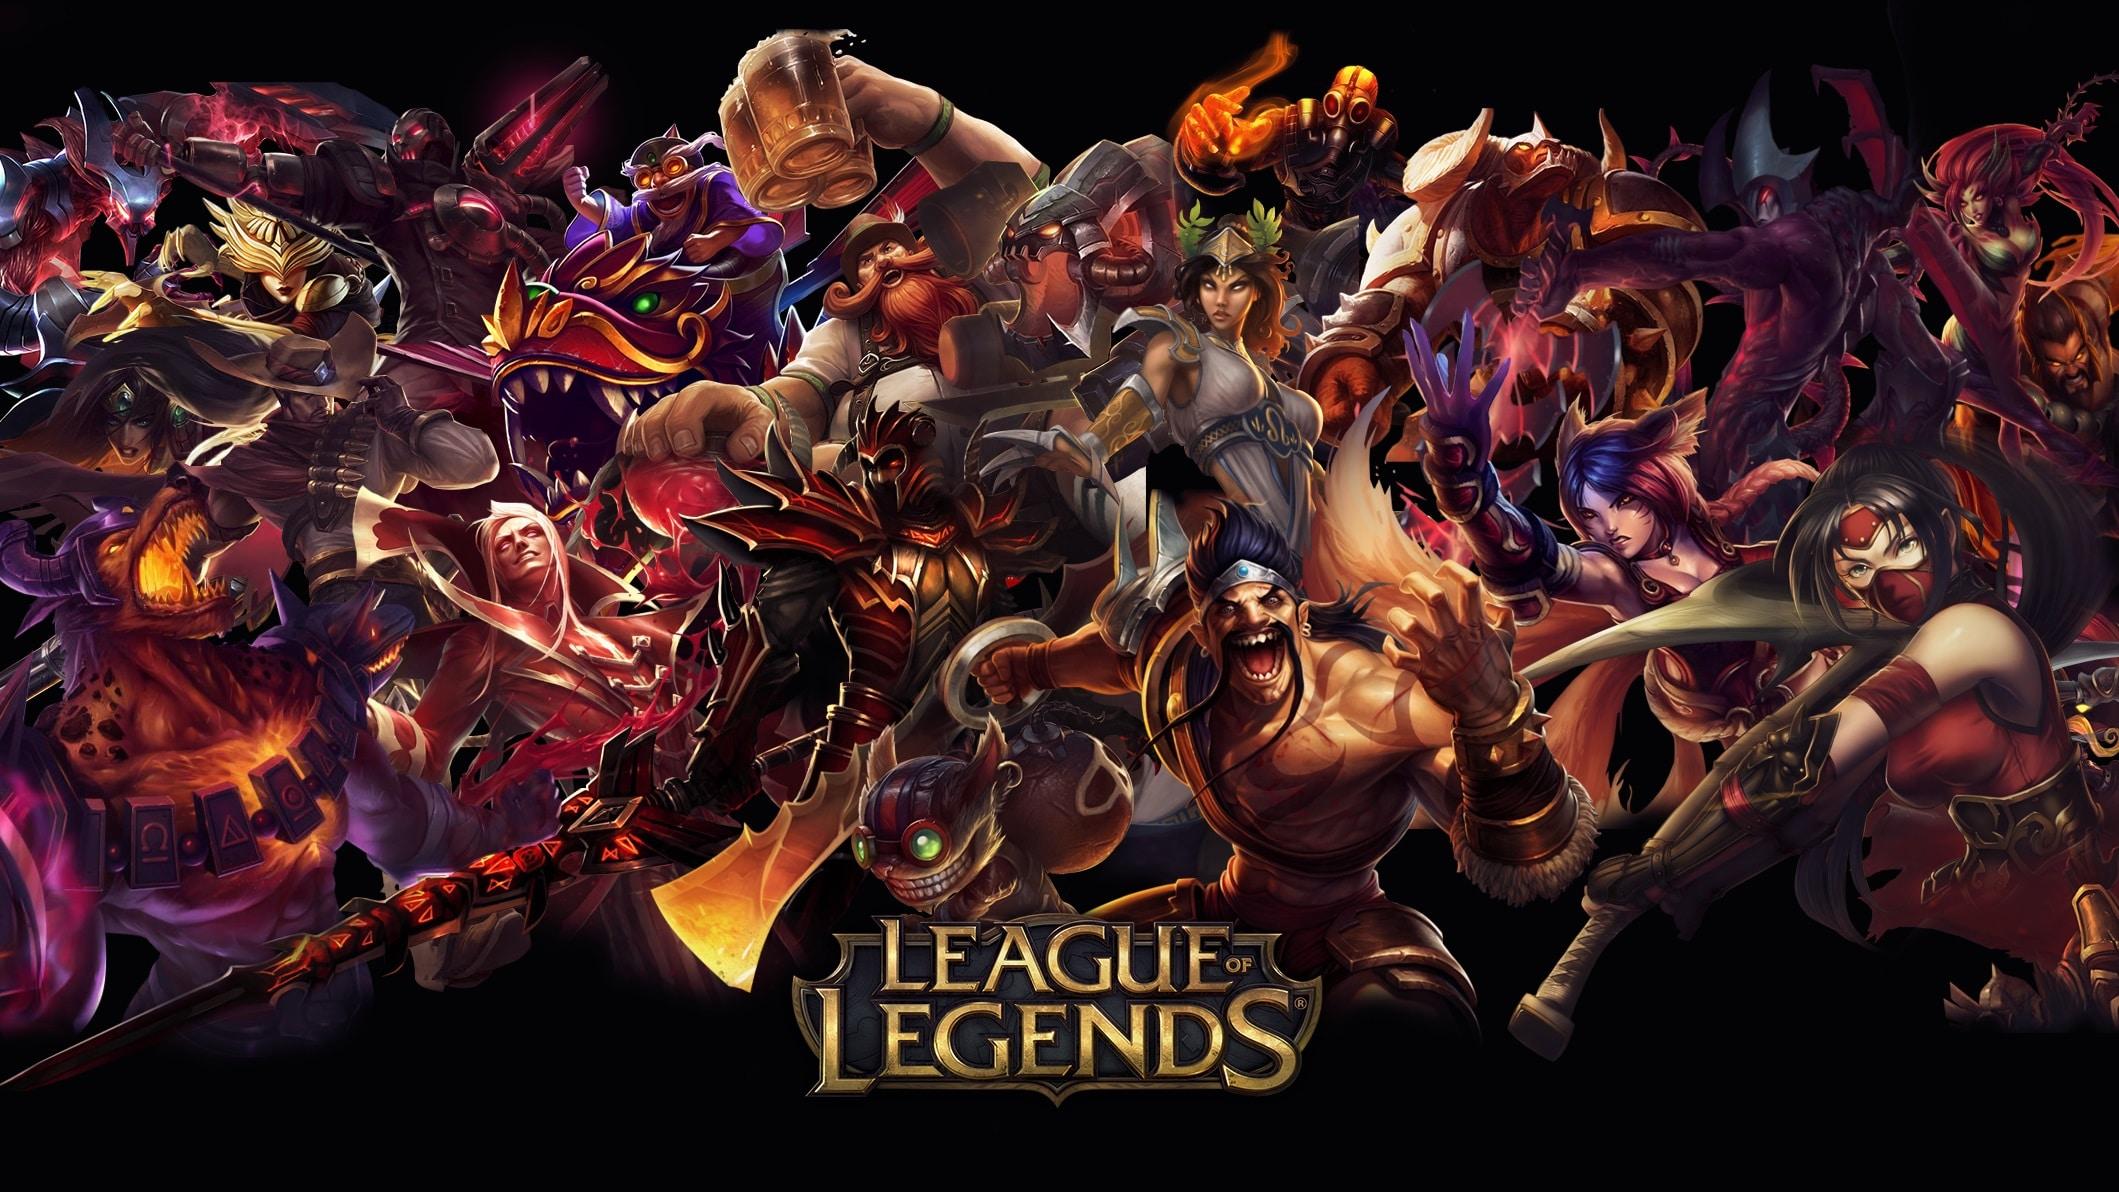 GamersRD, League of Legends